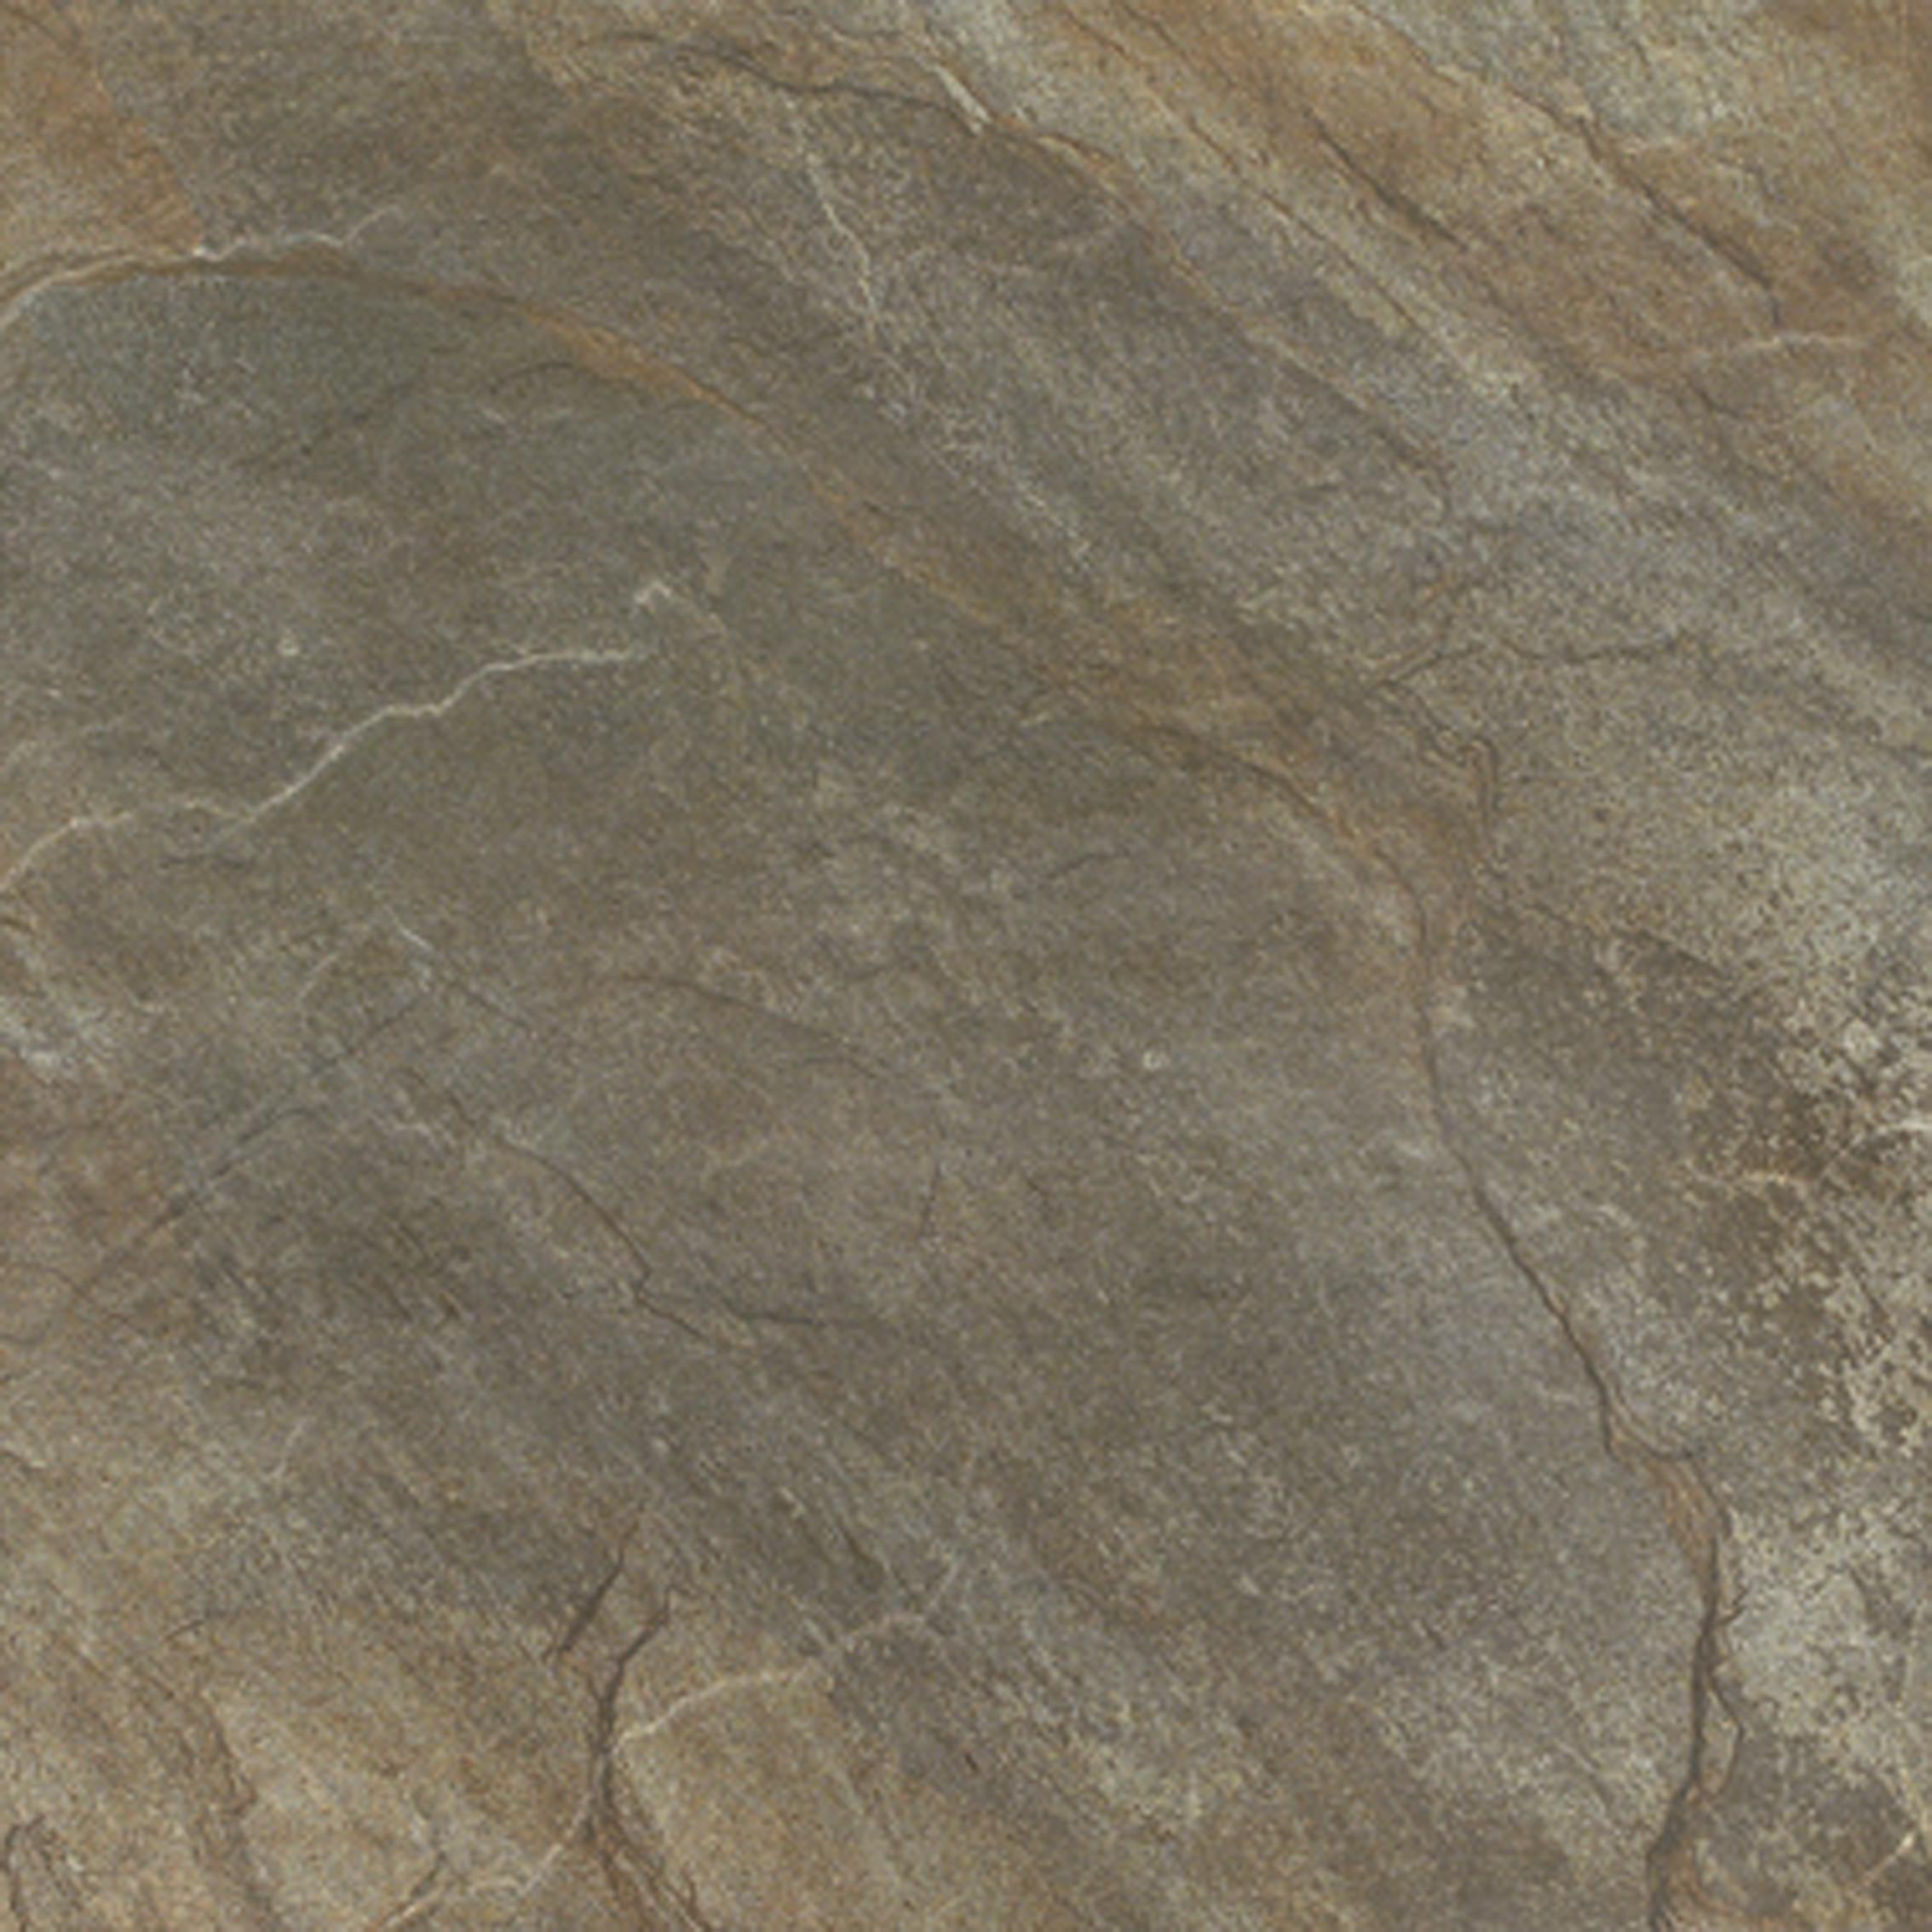 墨西哥 / BC60559 / 600x600mm / 板岩